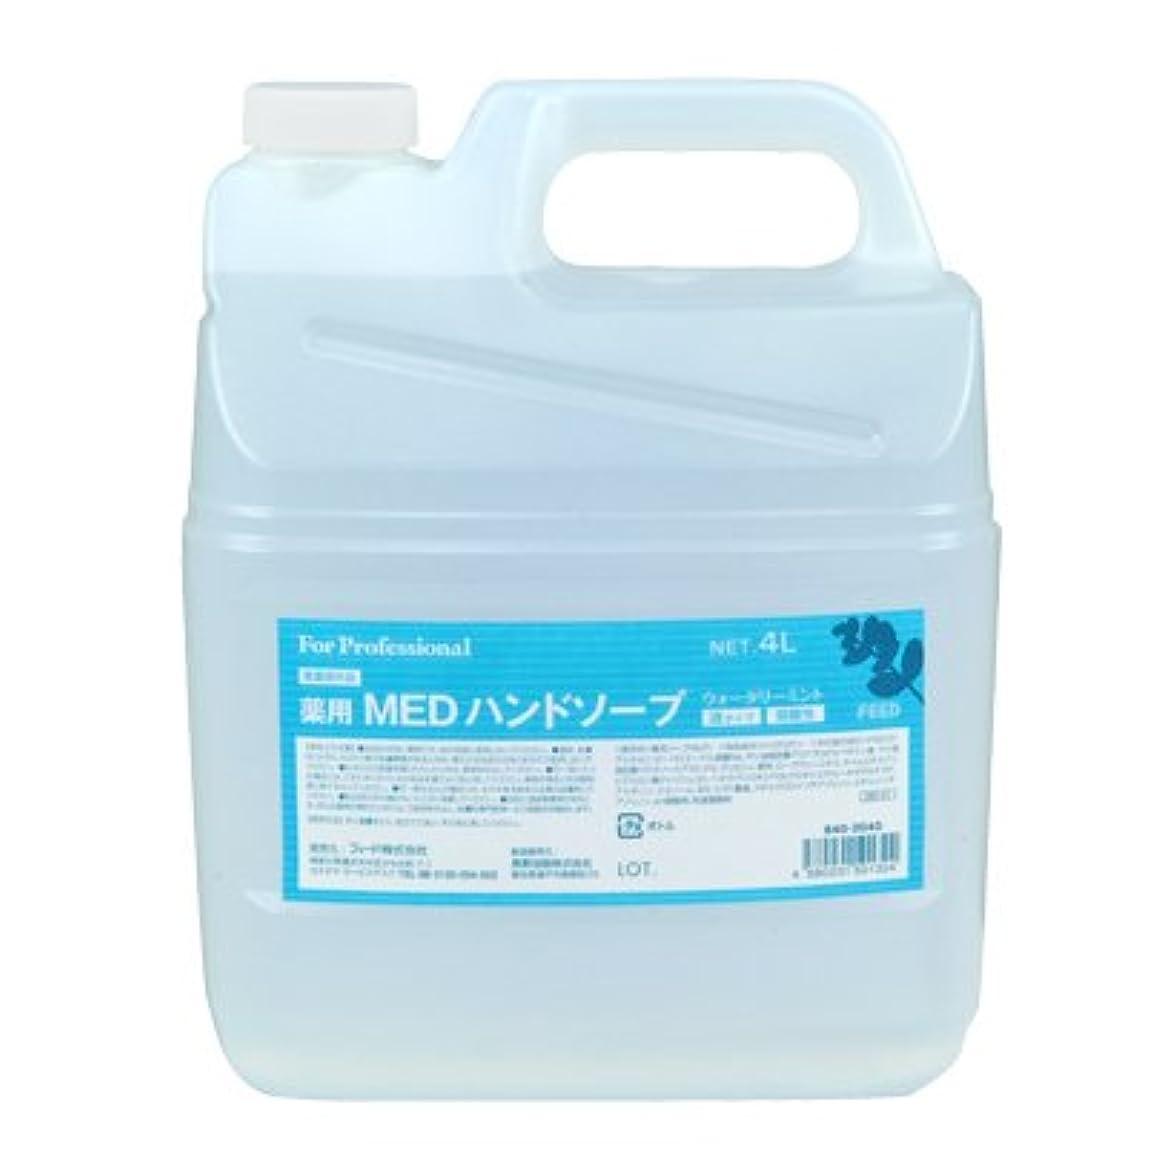 クラック海岸はさみ【業務用】 FEED(フィード) 薬用 MEDハンドソープ 液タイプ/4L詰替用 ハンドソープ(液タイプ) 入数 1本